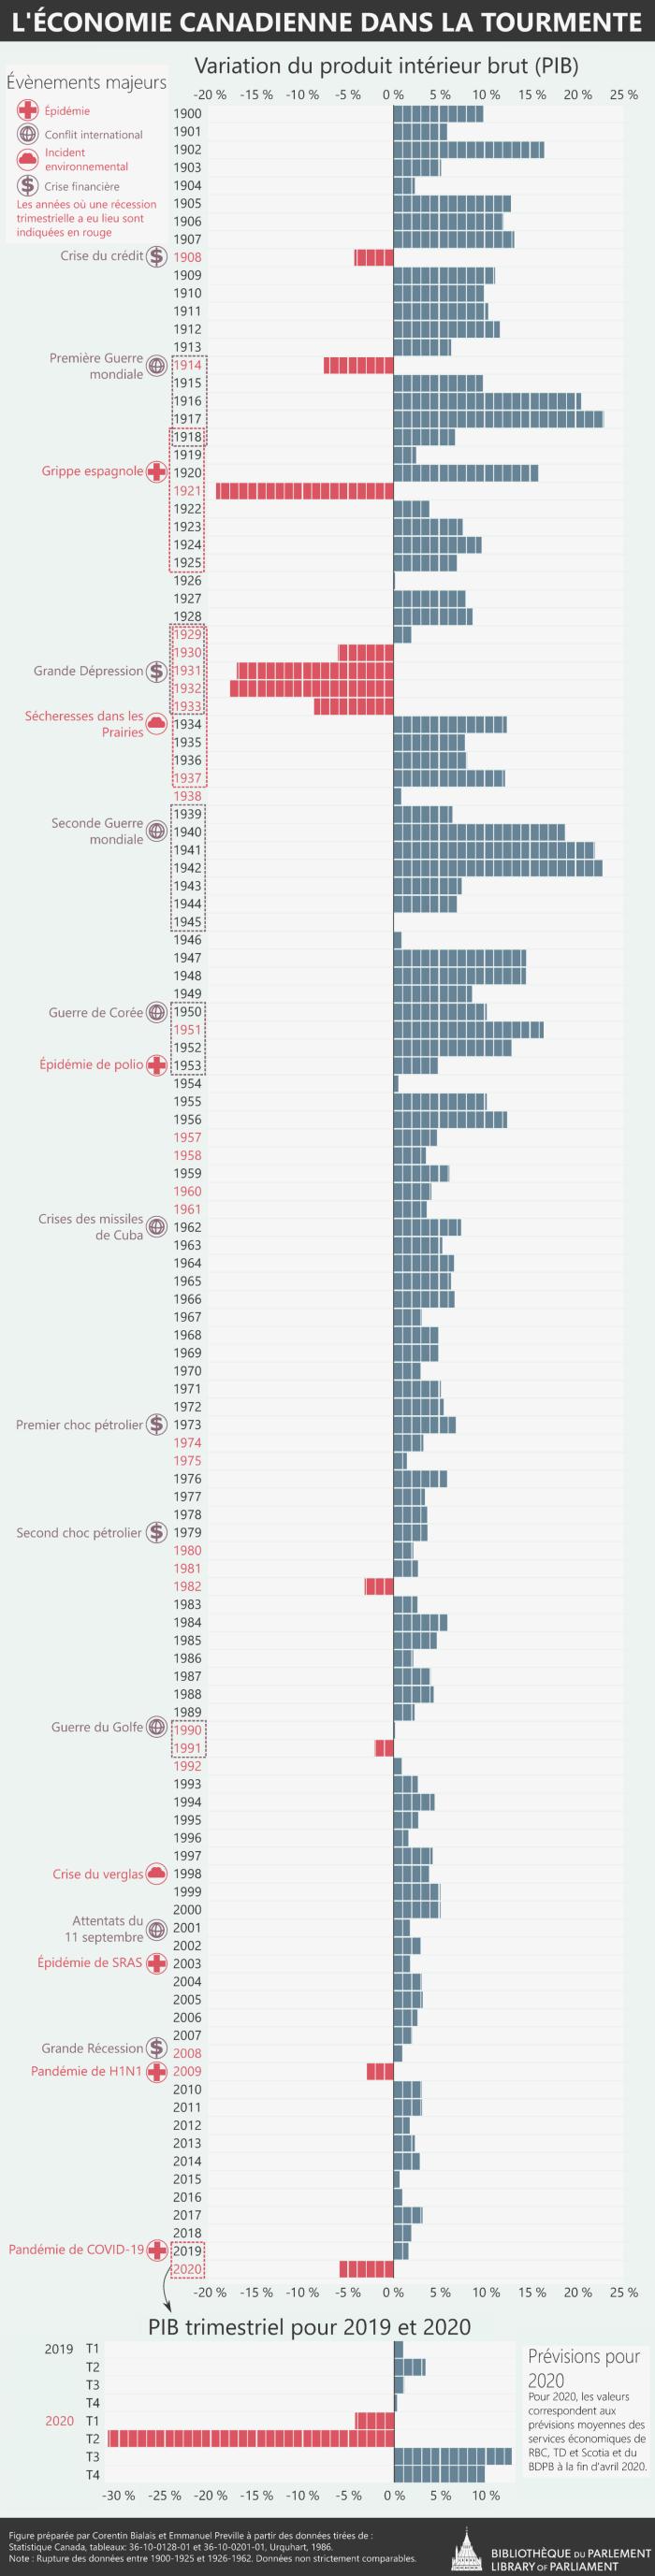 L'infographie suivante présente, en pourcentage, la variation annuelle du produit intérieur brut (PIB) du Canada de 1900 à 2020 et met en évidence les grands événements tels que les crises financières, les pandémies, les conflits internationaux et les incidents environnementaux qui se sont déroulés au Canada et ailleurs dans le monde. Pour les années 2019 et 2020, l'infographie montre explicitement, en pourcentage, la variation trimestrielle (durée de trois mois) rapportée et projetée pour 2020. Elle montre que la pandémie actuelle de COVID-19 pourrait entraîner, au cours du deuxième trimestre de 2020, une contraction économique encore jamais vue dans l'histoire du Canada et que la récession qui en résultera en 2020 pourrait être la plus grave depuis la Grande Dépression de 1929-1933. L'infographie dresse la liste de 13 contractions économiques au Canada et les met en relation avec certains grands événements, le cas échéant. La crise du crédit de 1908. La Première Guerre mondiale, de 1914 à 1918, avec une récession en 1914. La grippe espagnole, de 1918 à 1925, avec une récession en 1921. La Grande Dépression, de 1929 à 1933. La sécheresse de 1936 dans les Prairies, avec des récessions trimestrielles en 1937 et 1938. La guerre de Corée, de 1950 à 1953, avec une récession trimestrielle en 1951. Les récessions trimestrielles de 1957 et 1958. Les récessions trimestrielles de 1960 et 1961, suivies de la crise des missiles cubains, en 1962. Le premier choc pétrolier, en 1973, avec des récessions trimestrielles en 1974 et 1975. Le deuxième choc pétrolier, en 1979, avec une récession de 1980 à 1982. La guerre du Golfe, de 1990 à 1992, avec une récession de 1990 à 1992. La Grande Récession de 2008-2009, suivie de la pandémie de H1N1. La récession projetée en 2020 attribuable à la pandémie actuelle de COVID-19.